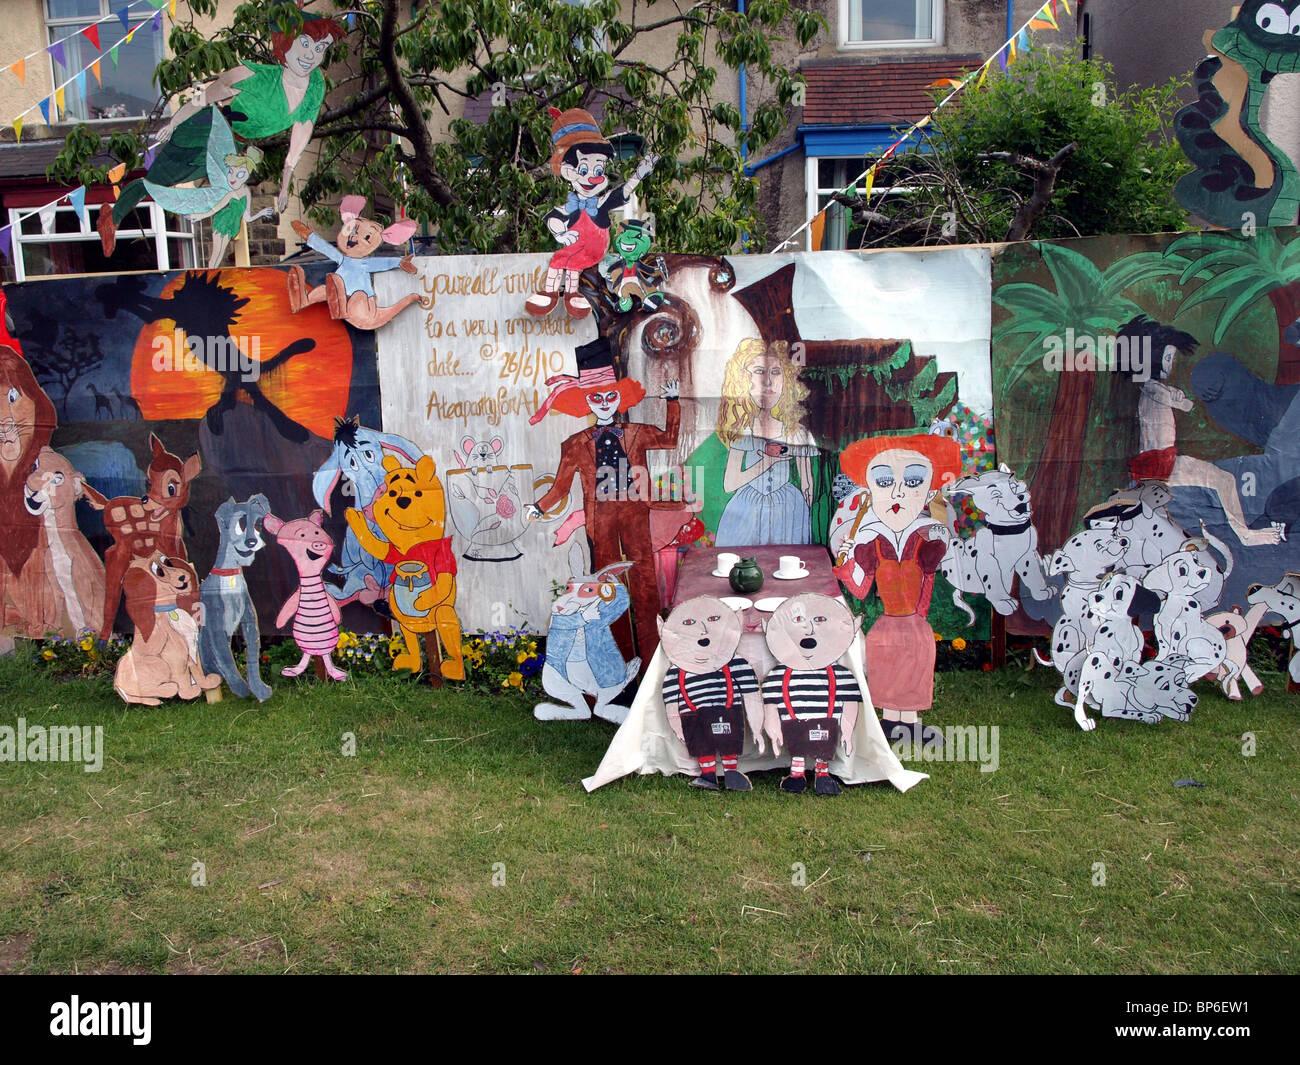 Una mostra a le scie settimana alla speranza,Derbyshire,UK. Immagini Stock